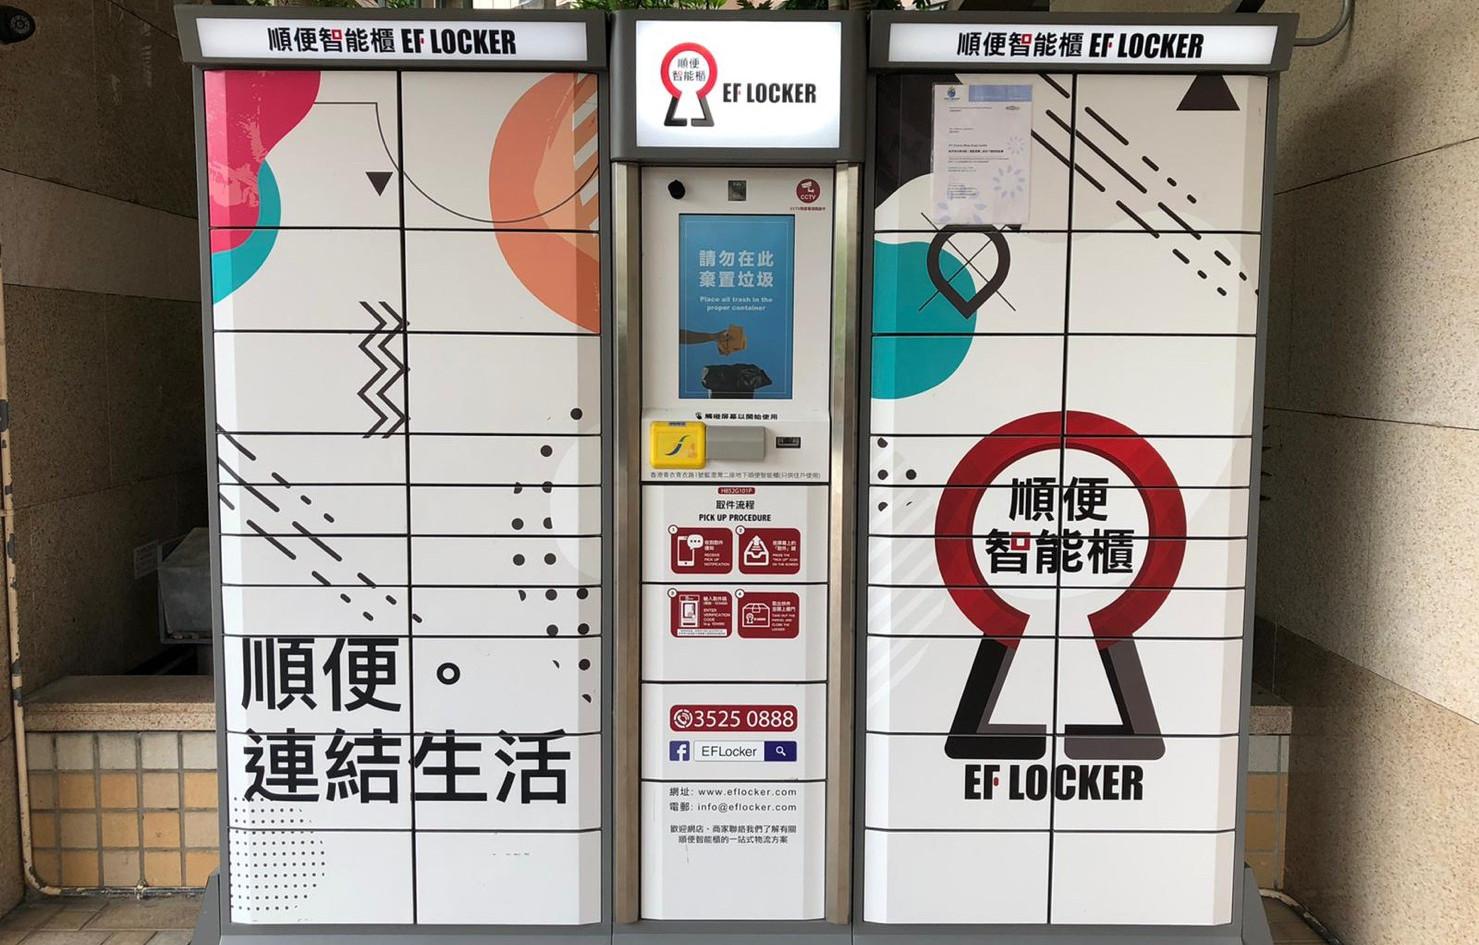 藍澄灣順豐智能櫃.jpg